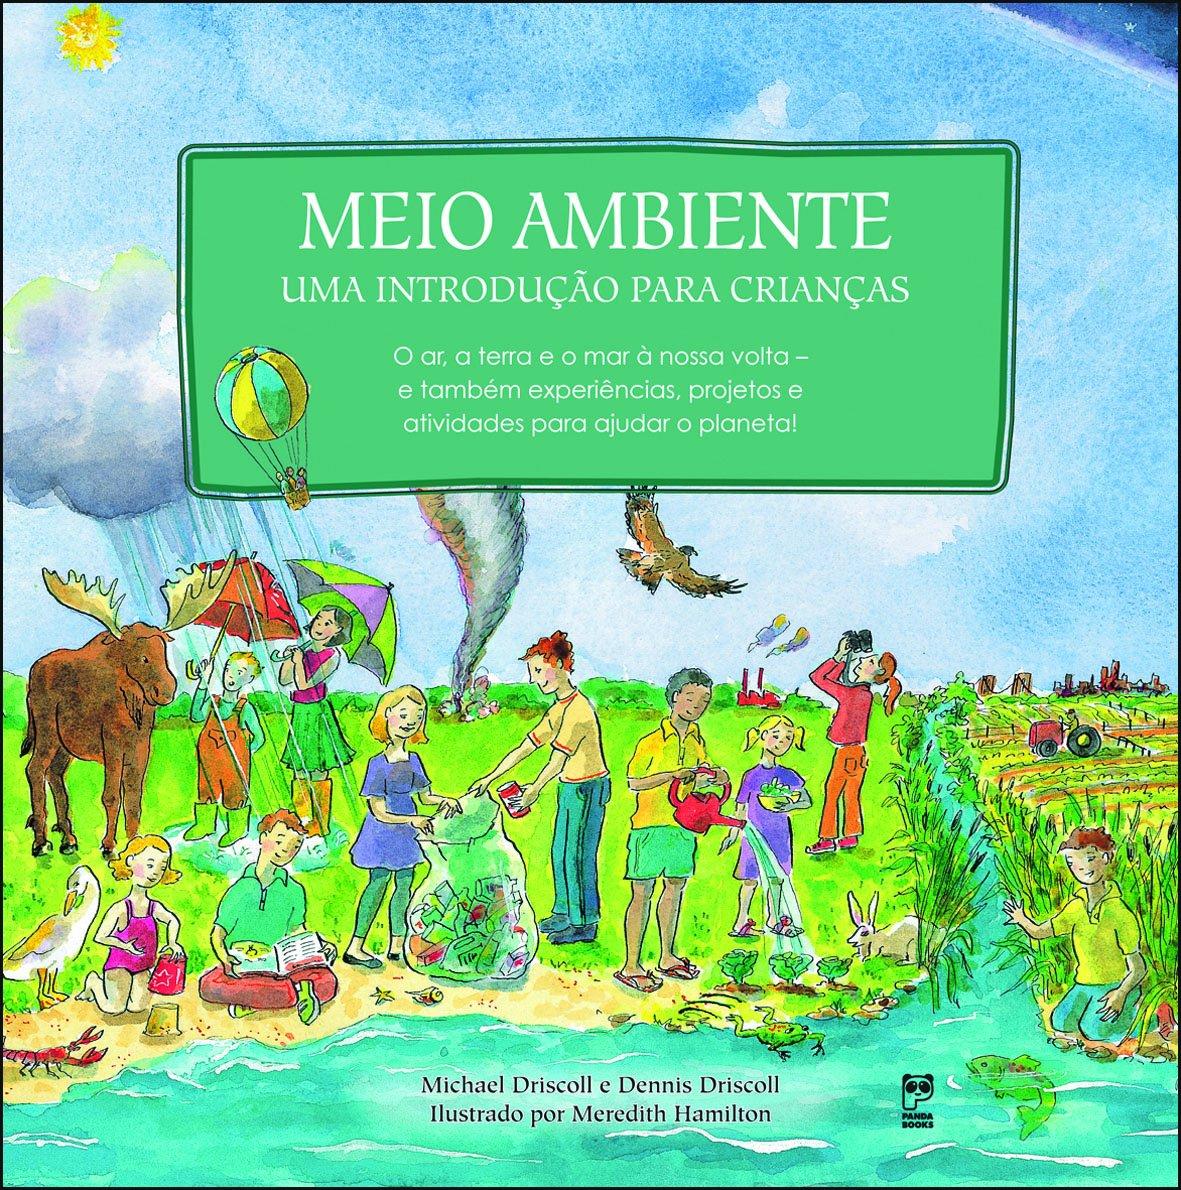 Meio ambiente: Uma introdução para crianças